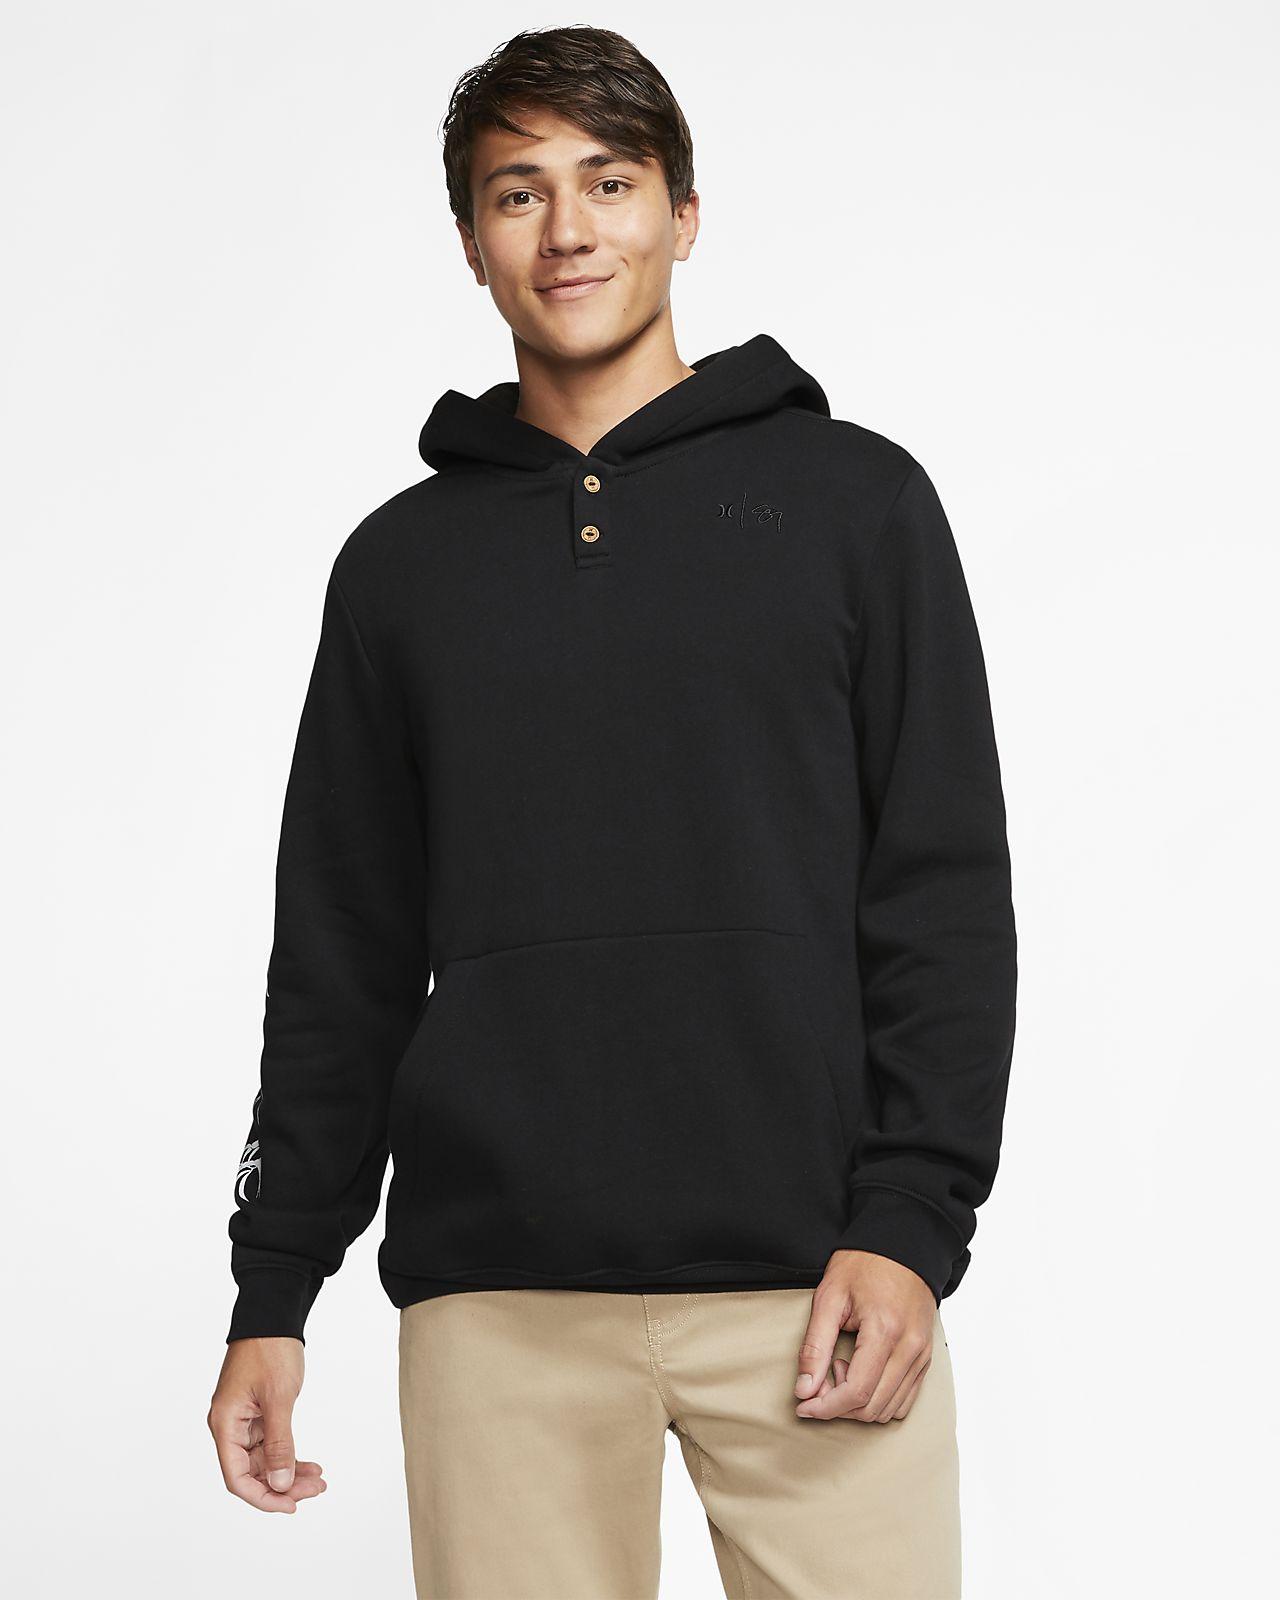 Hurley Sig Zane Men's Pullover Fleece Top